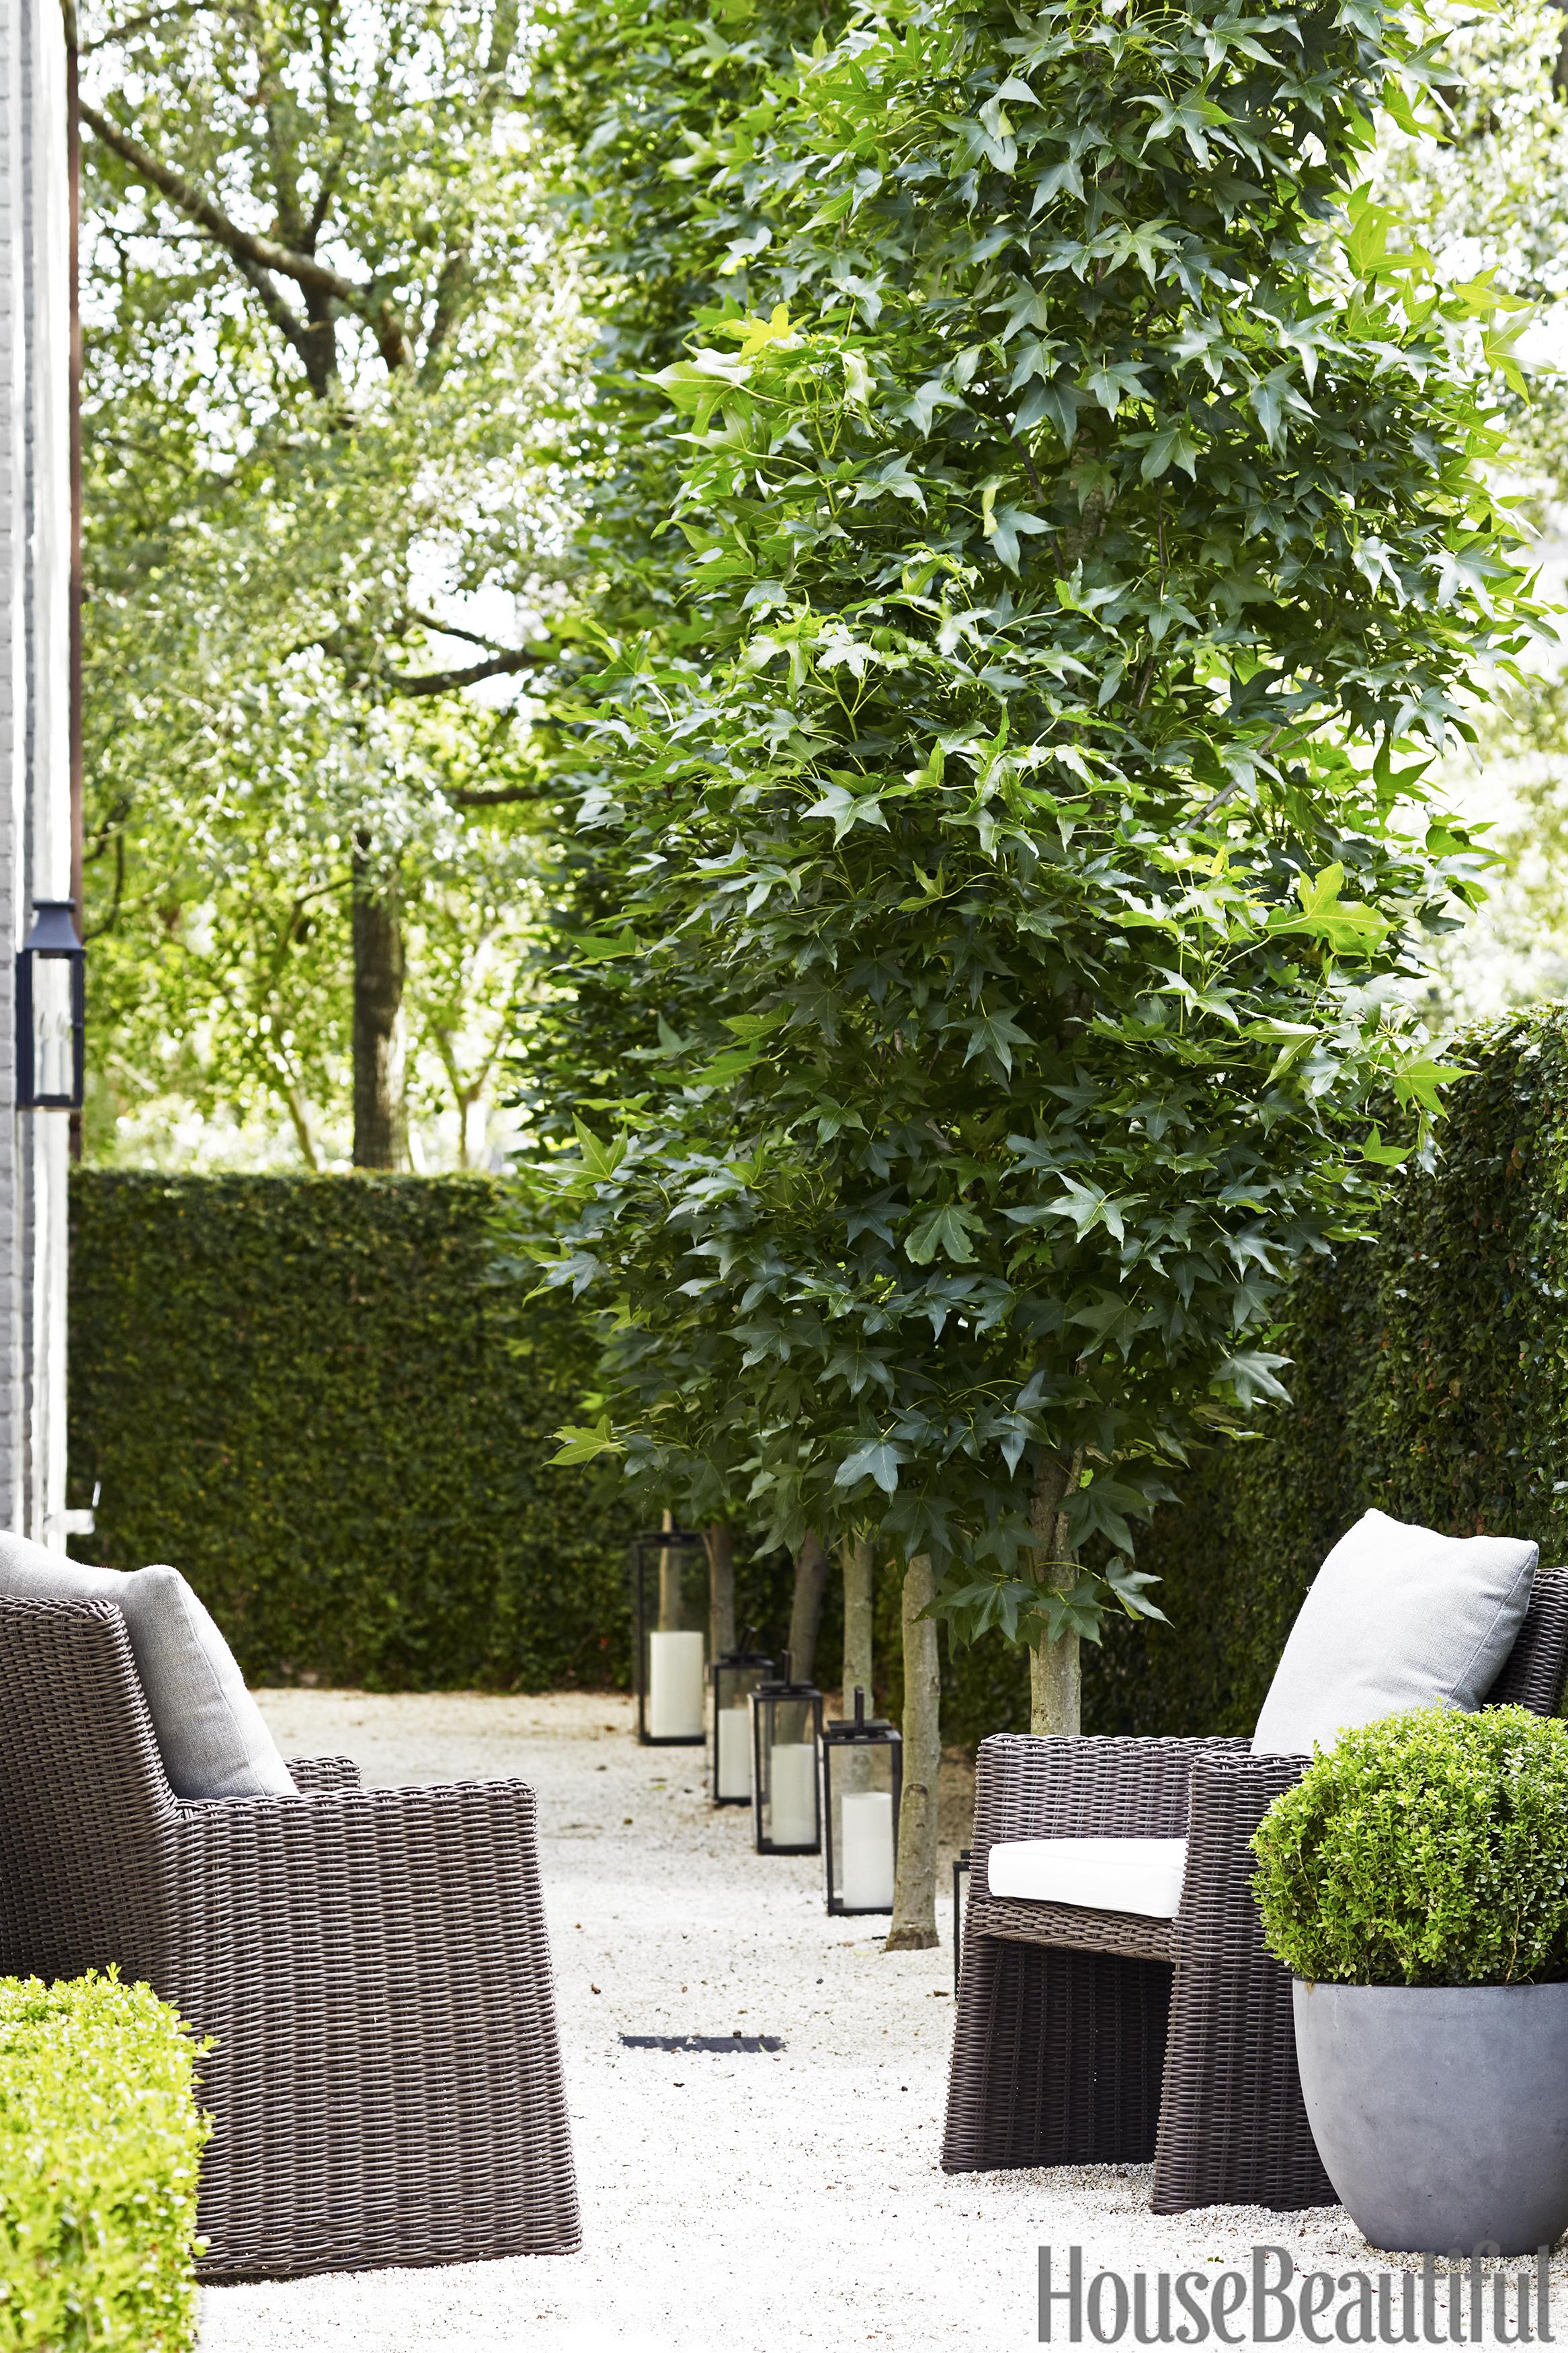 50 Beautiful Landscaping Ideas - Best Backyard Landscape ... on Back Patio Landscape Ideas id=68682